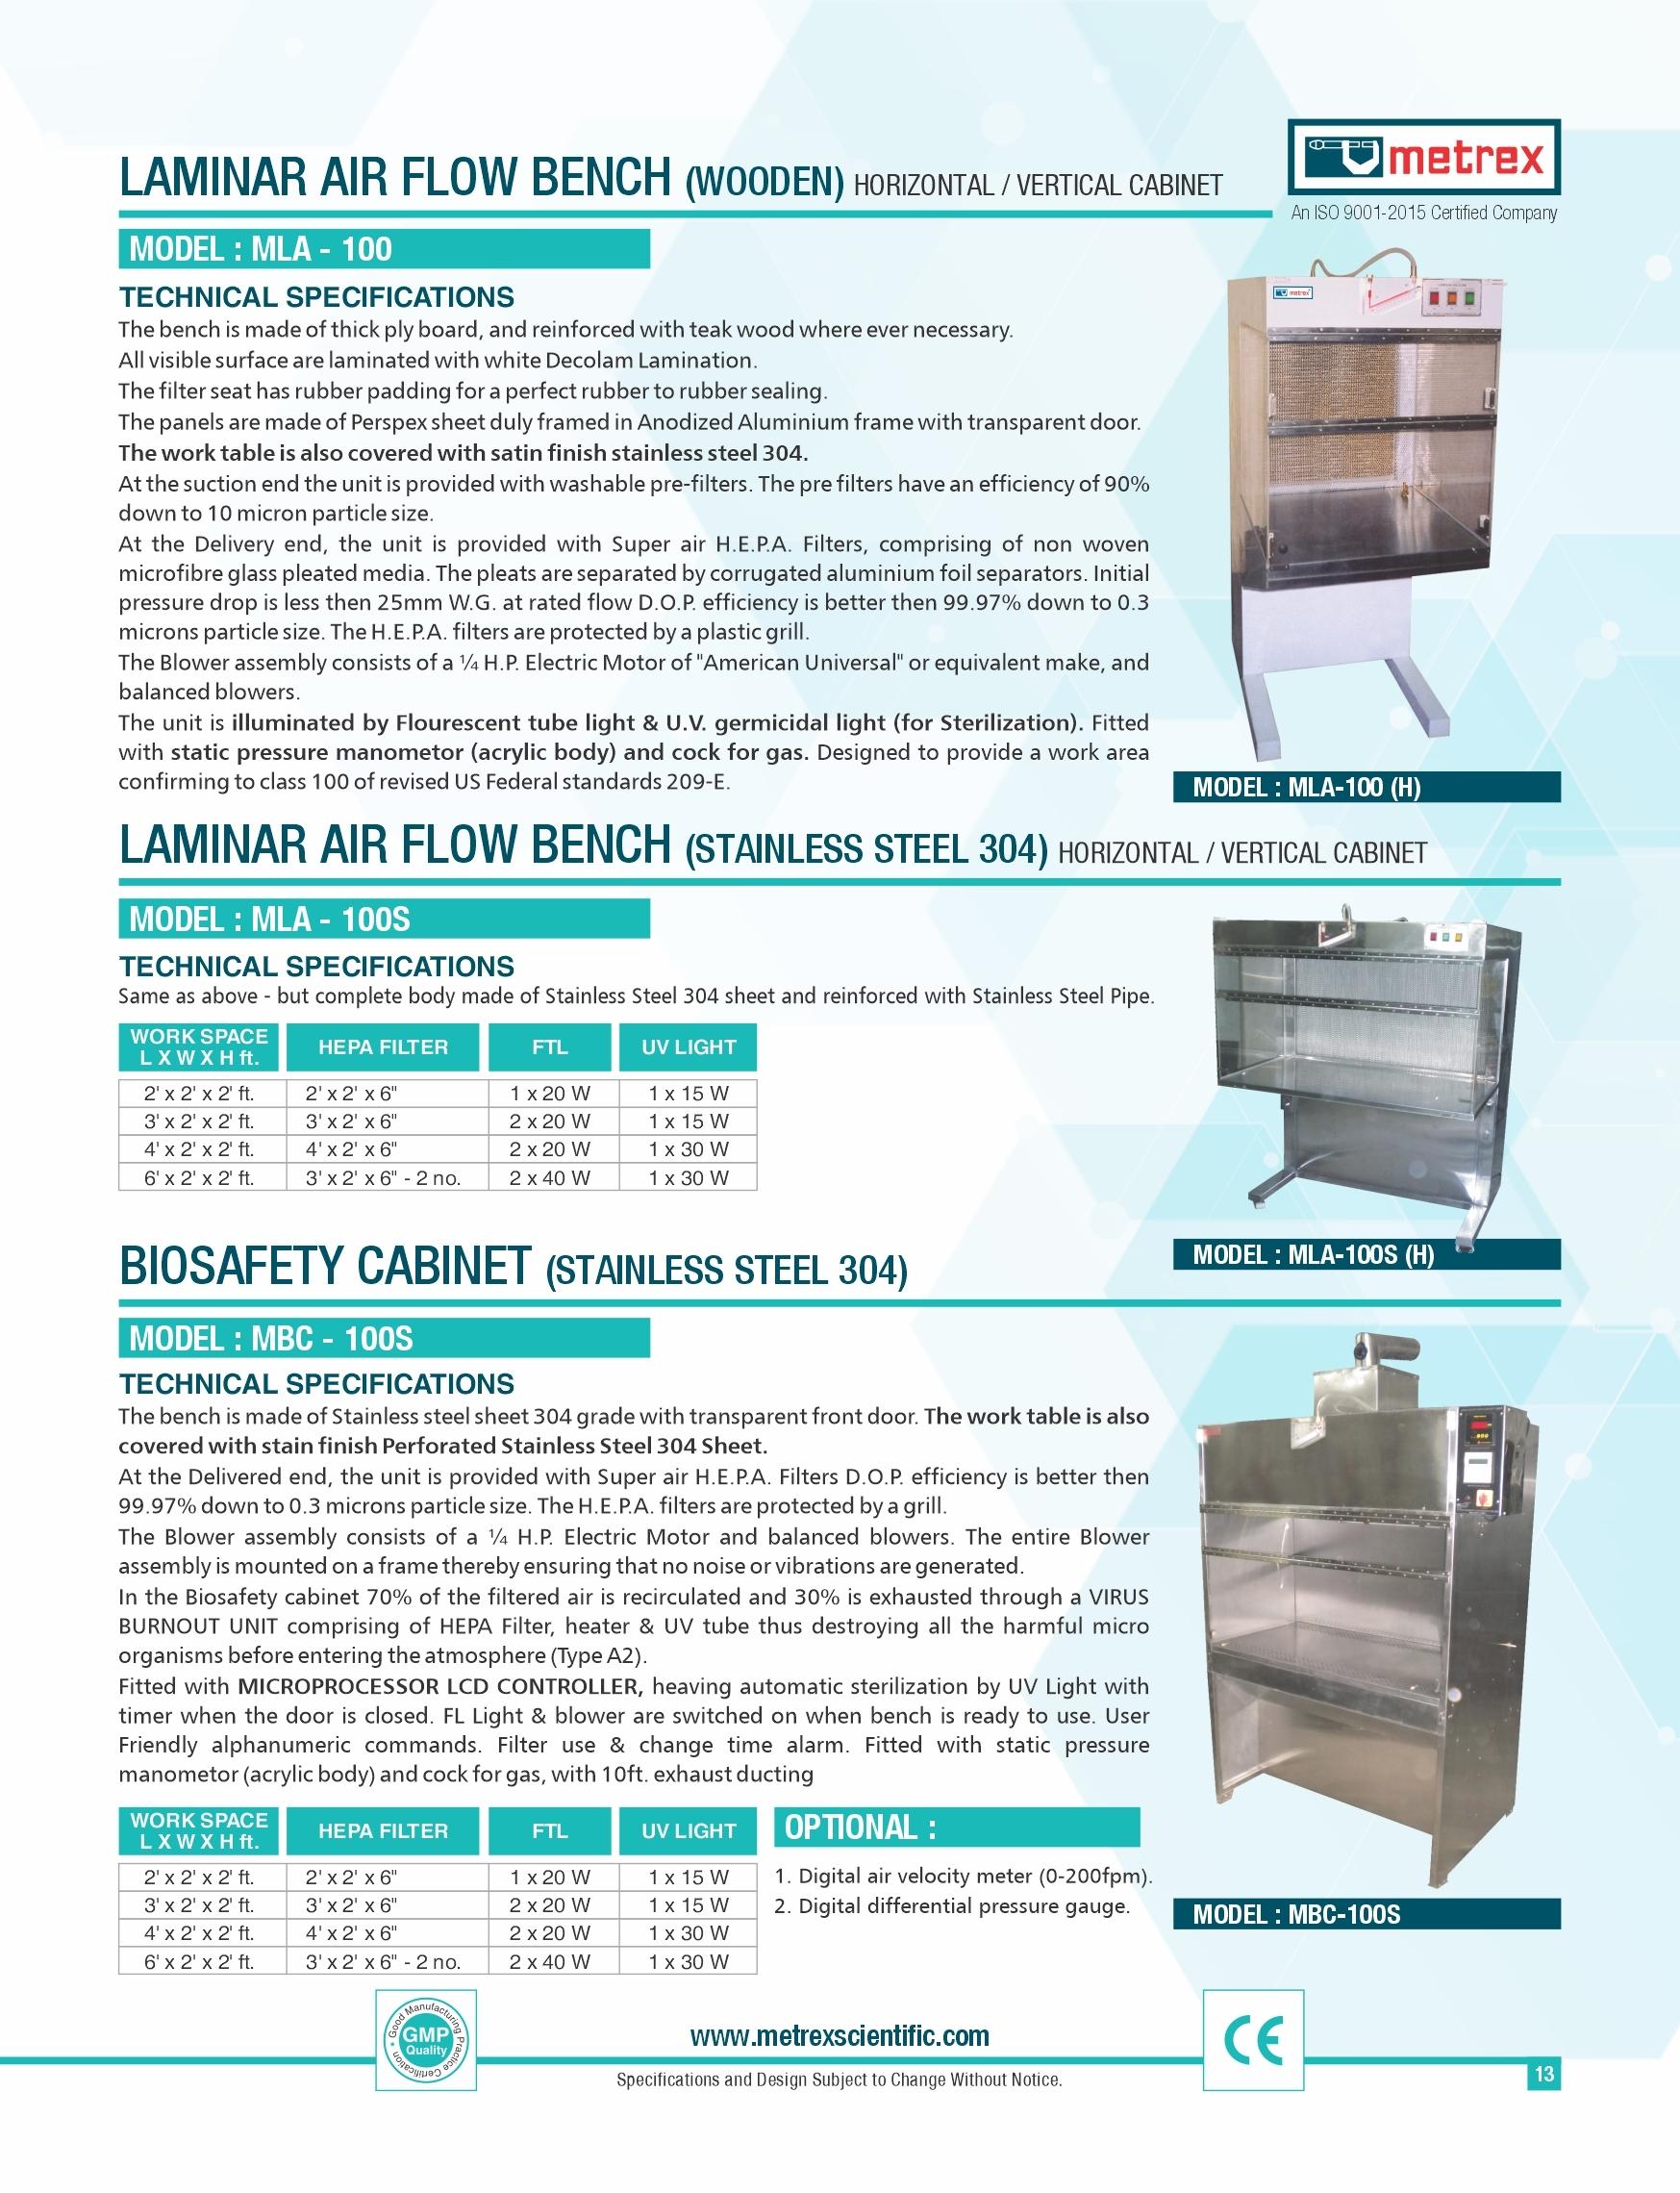 BIOSAFETY CABINET ( SS 304 )